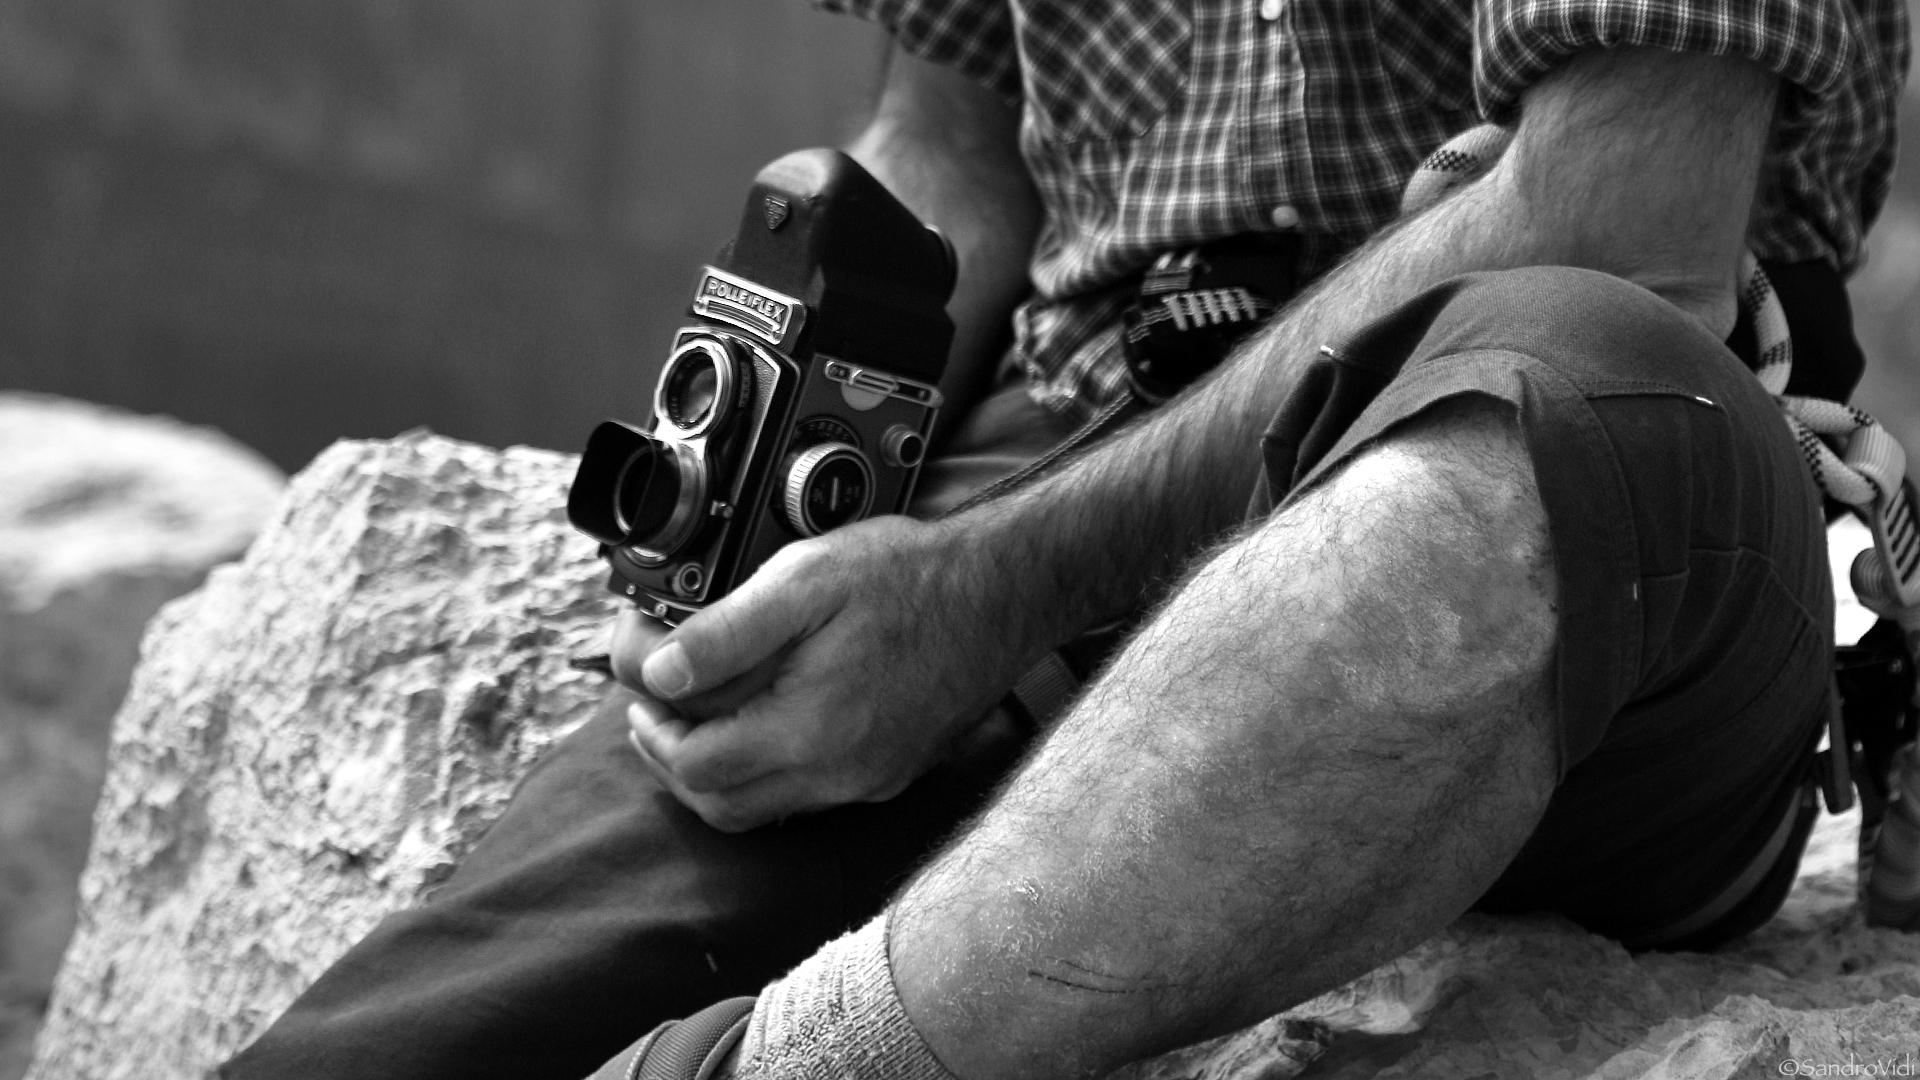 Photo © Sandro Vidi